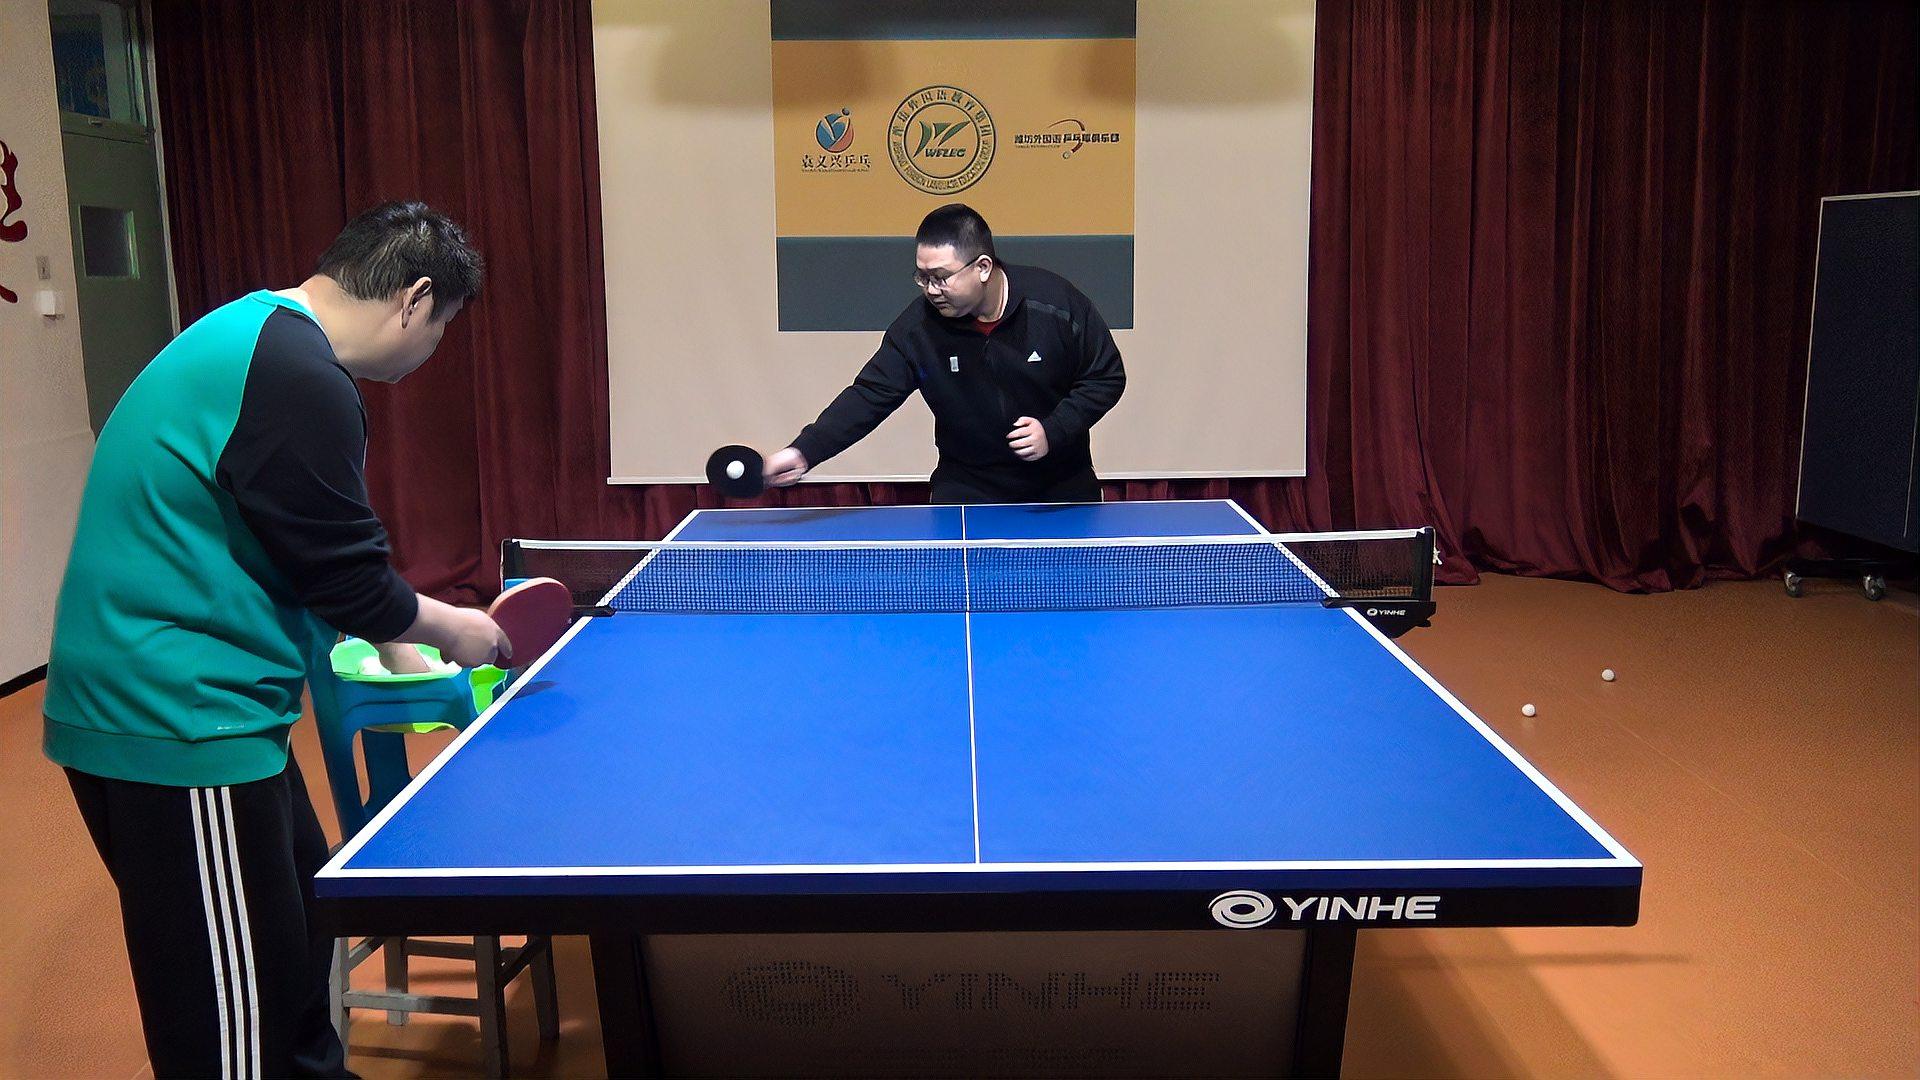 乒乓球业余球友如何获取更多进攻机会?常用实用进攻手段有哪些?